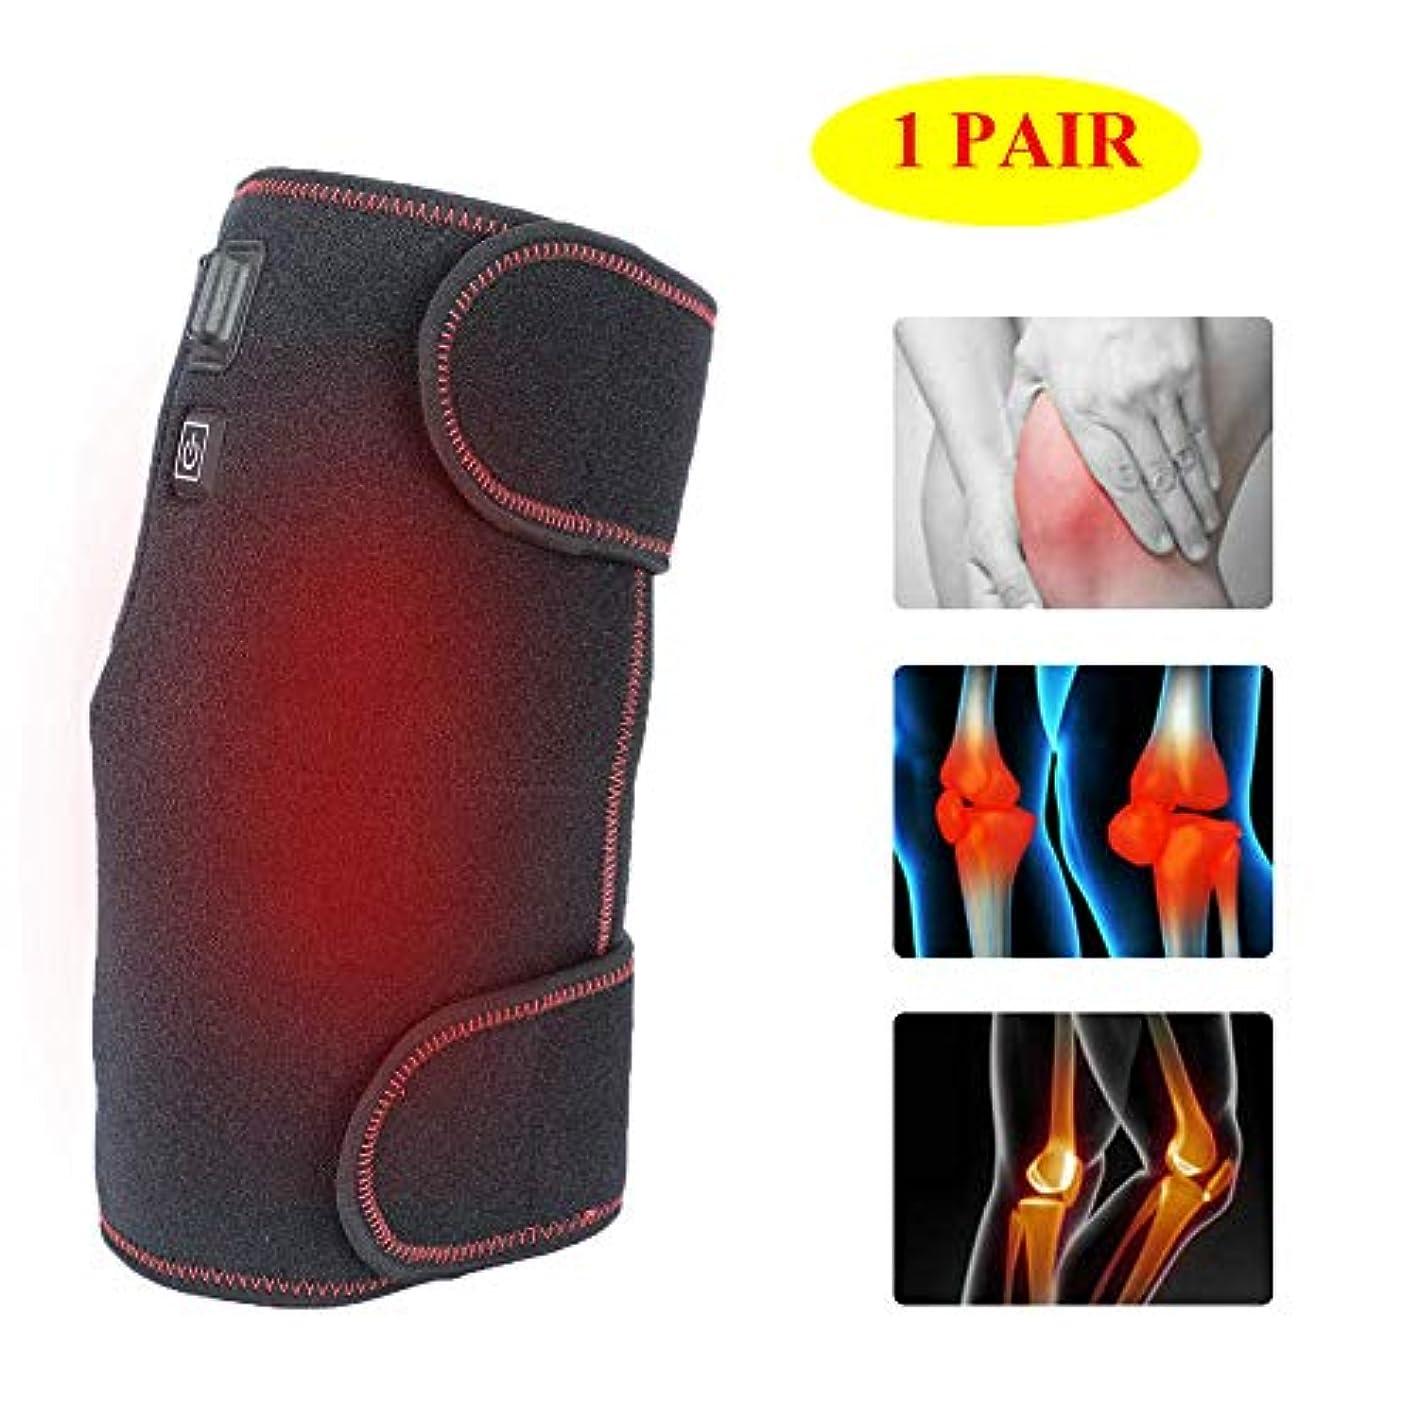 スペア最初にはがき加熱膝ブレースサポート1ペア - USB充電式膝暖かいラップ加熱パッド - 療法ホット圧縮3ファイル温度で膝の傷害